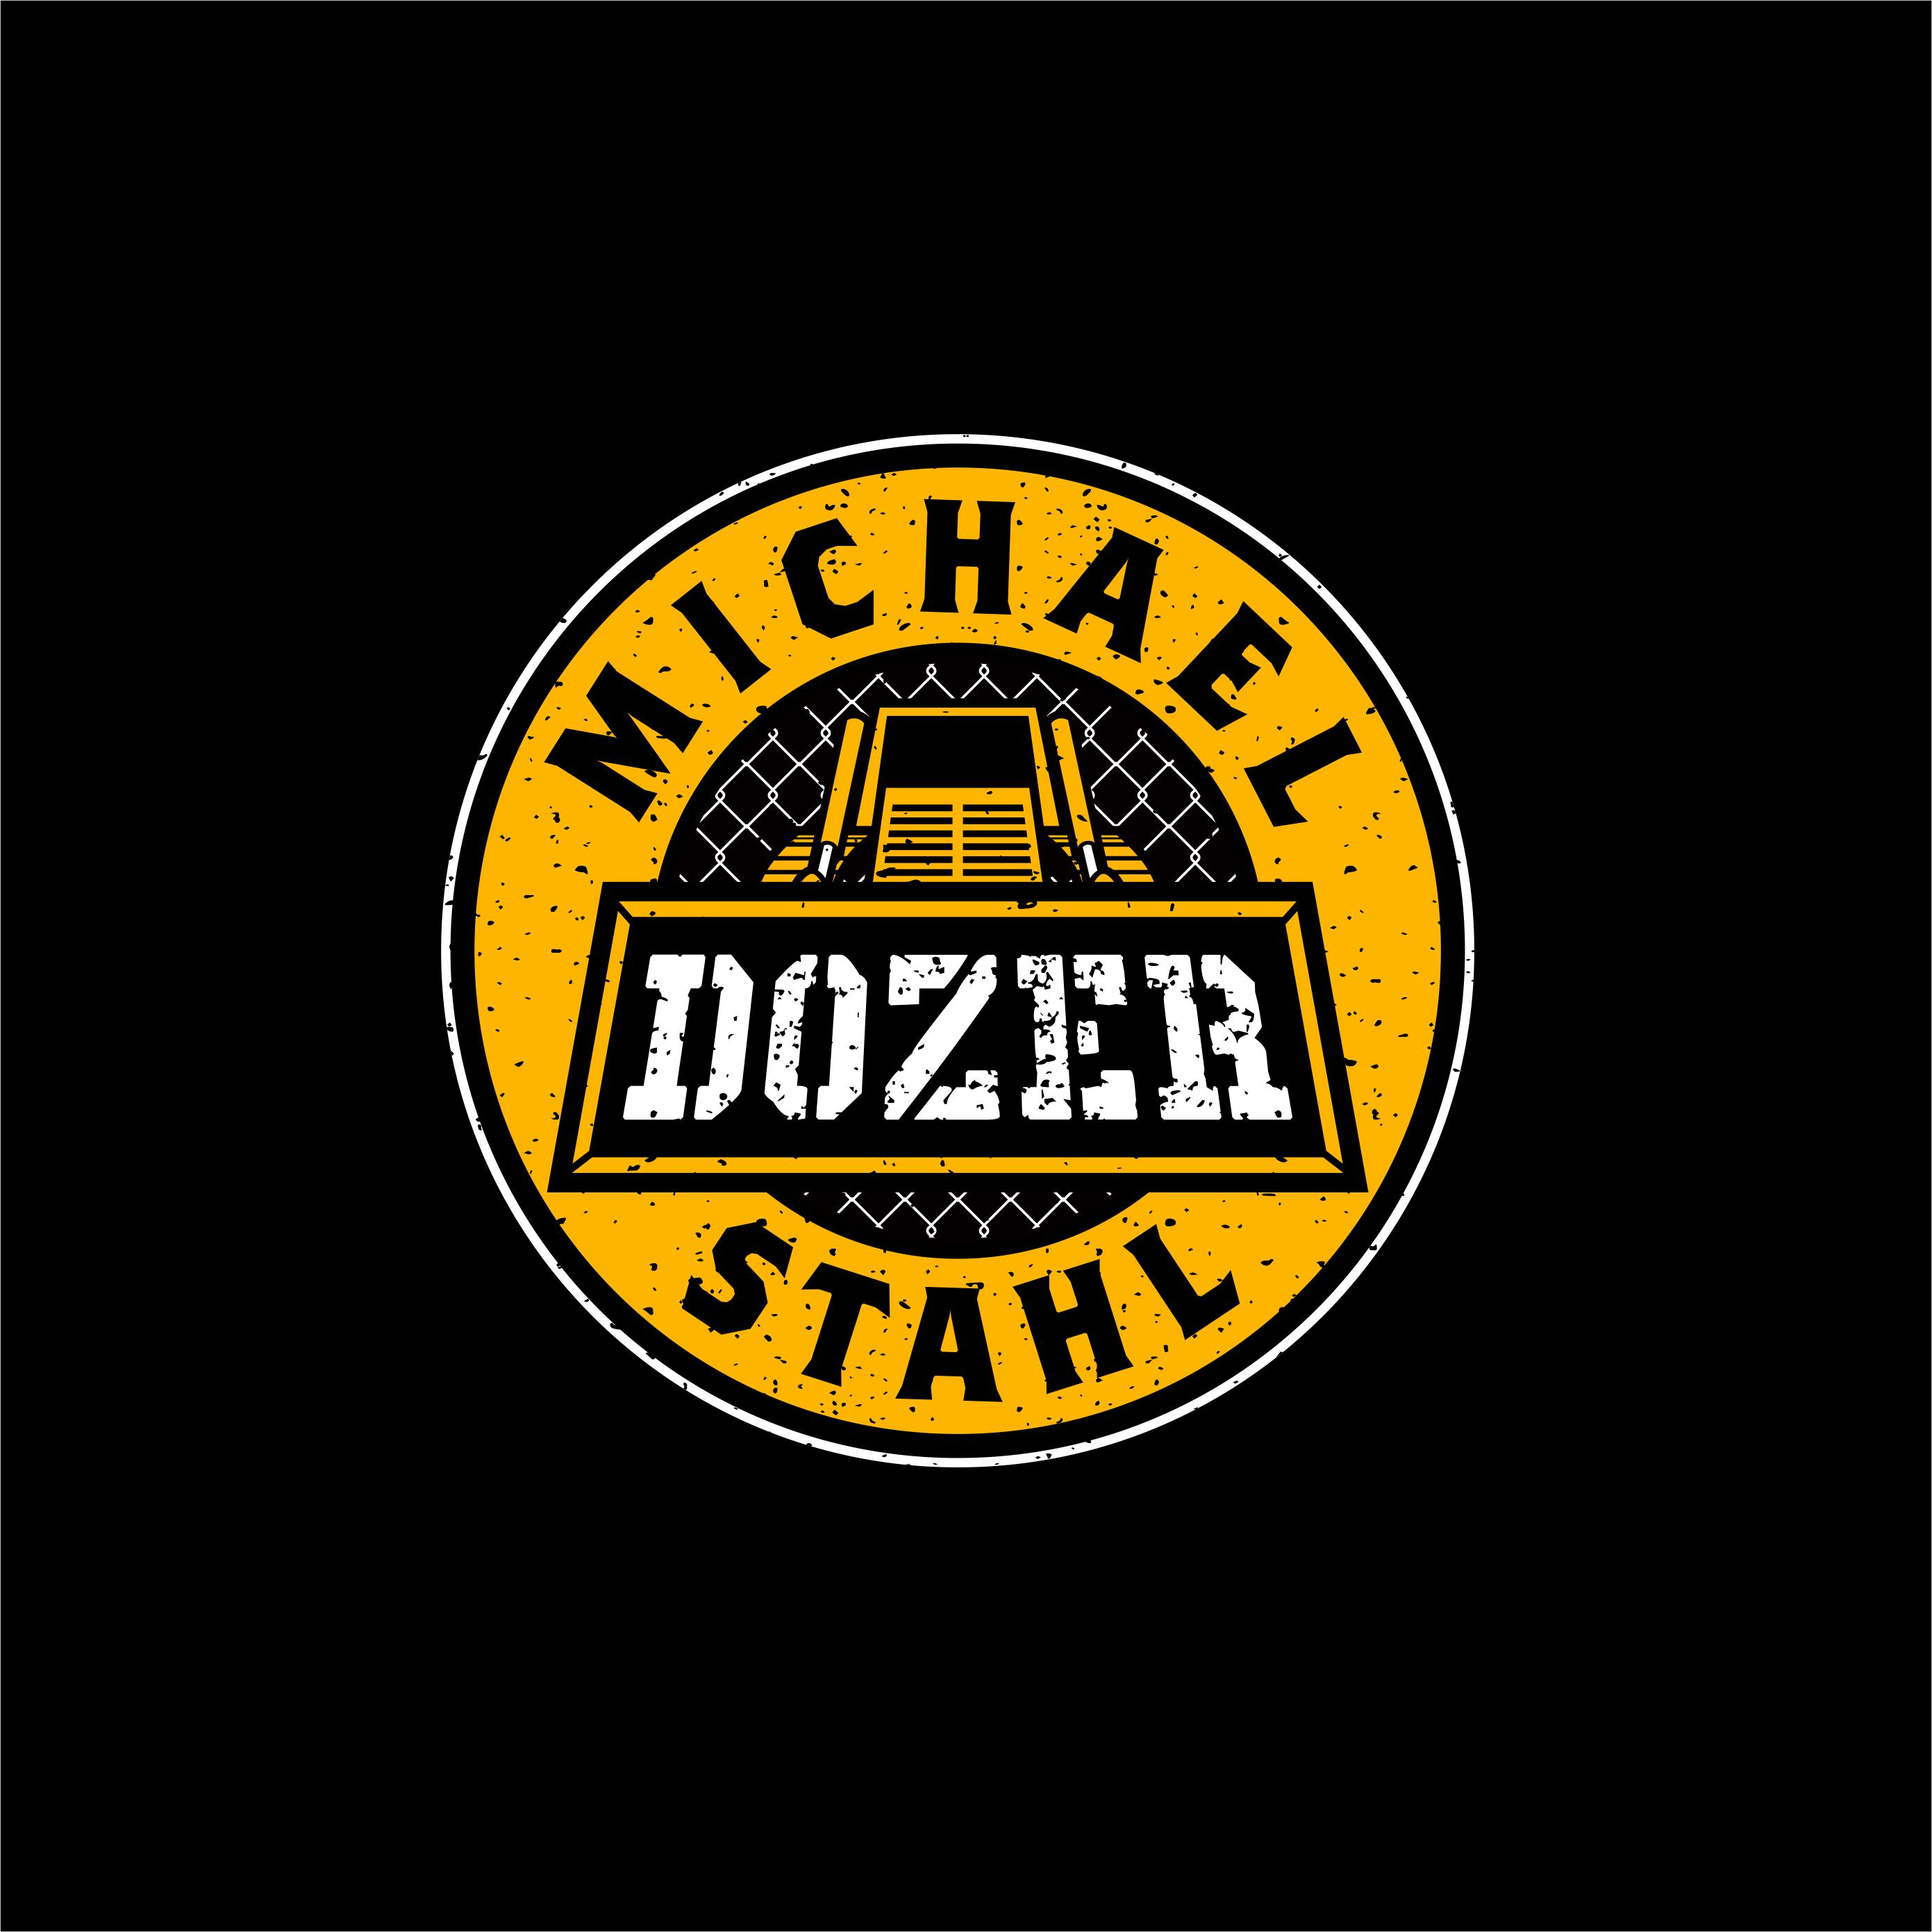 Dozer design